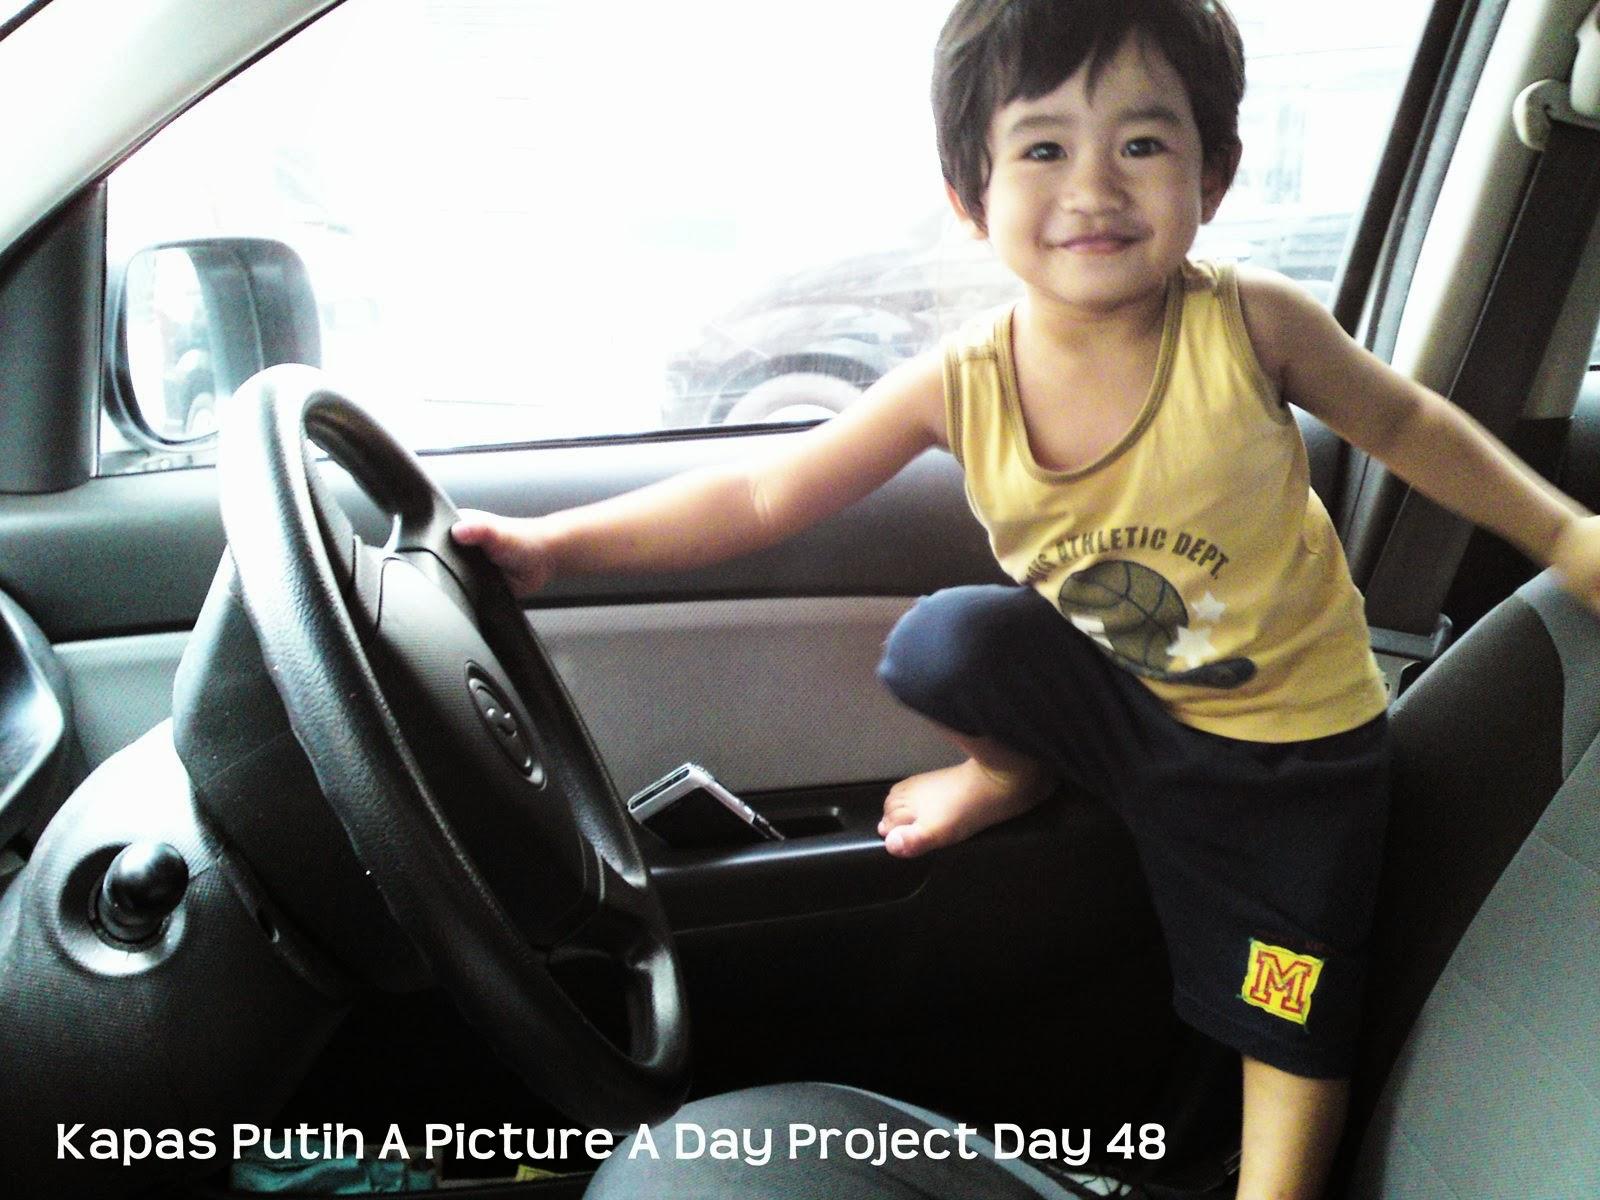 Baby Asyraf bawa kereta